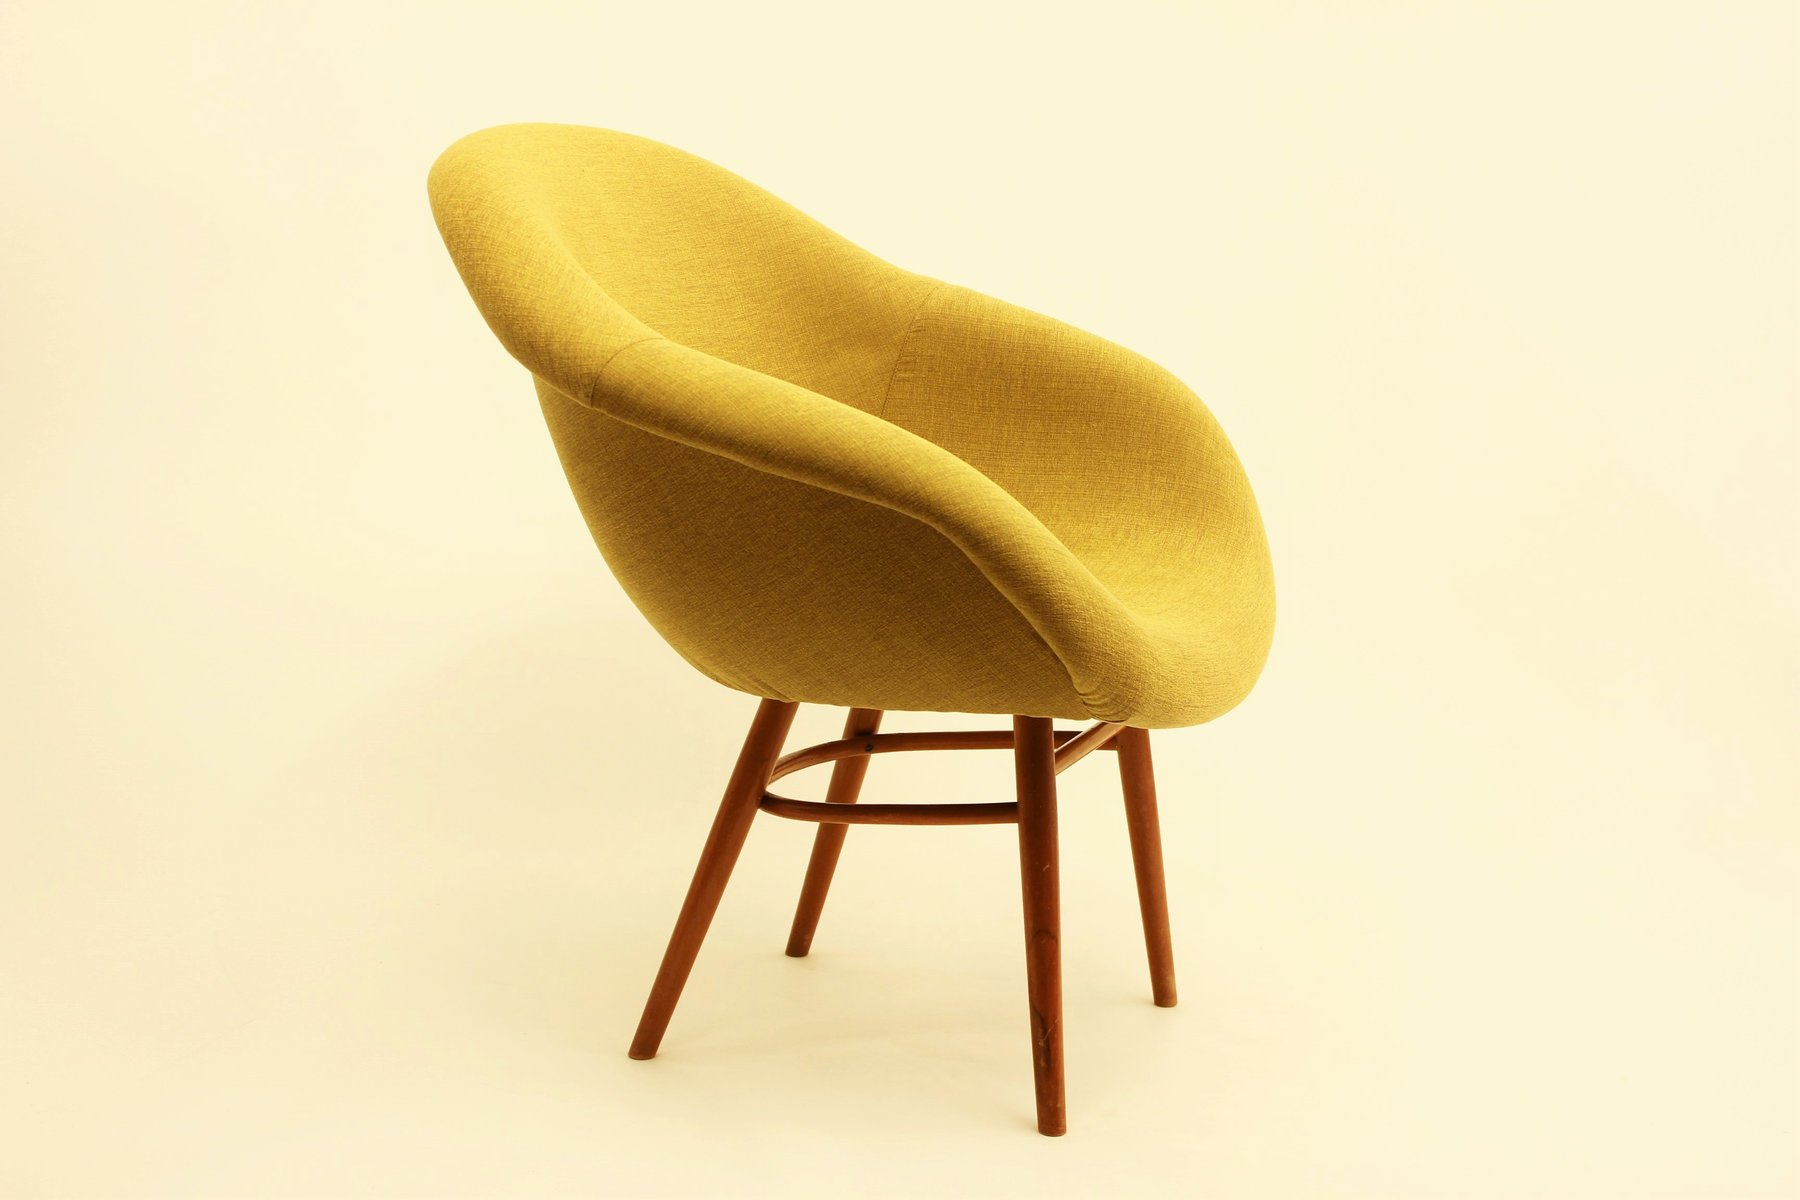 Sedia a conchiglia in fibra di vetro anni 60 in vendita su pamono